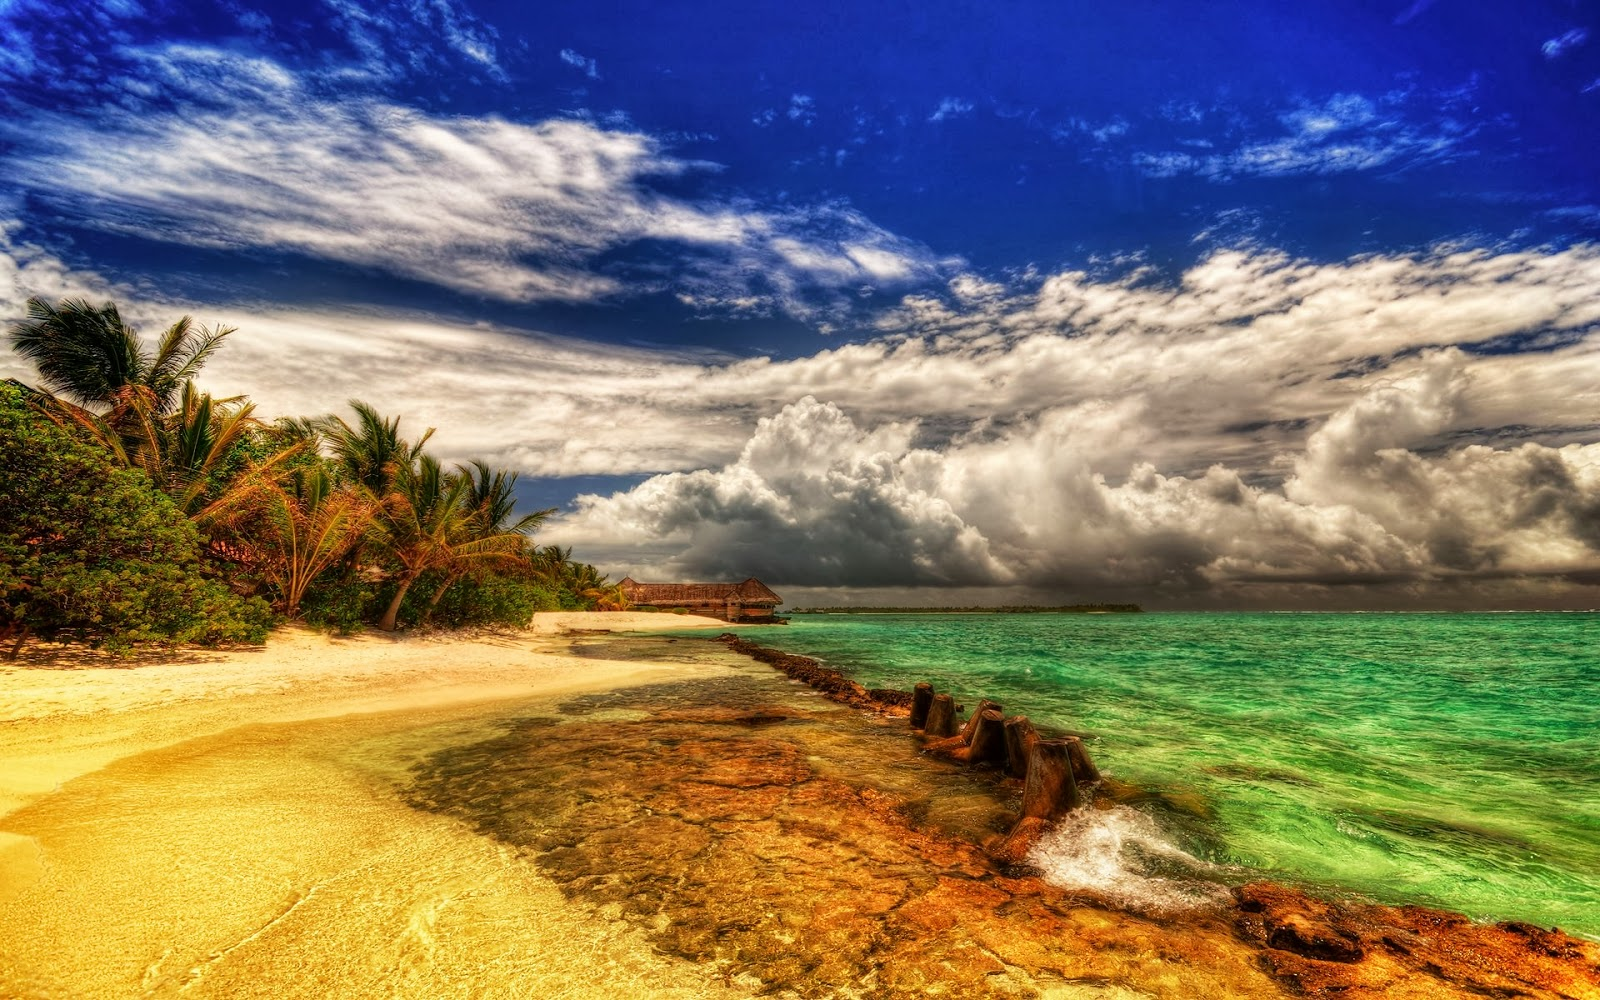 natural beach pretty wallpaper - photo #32